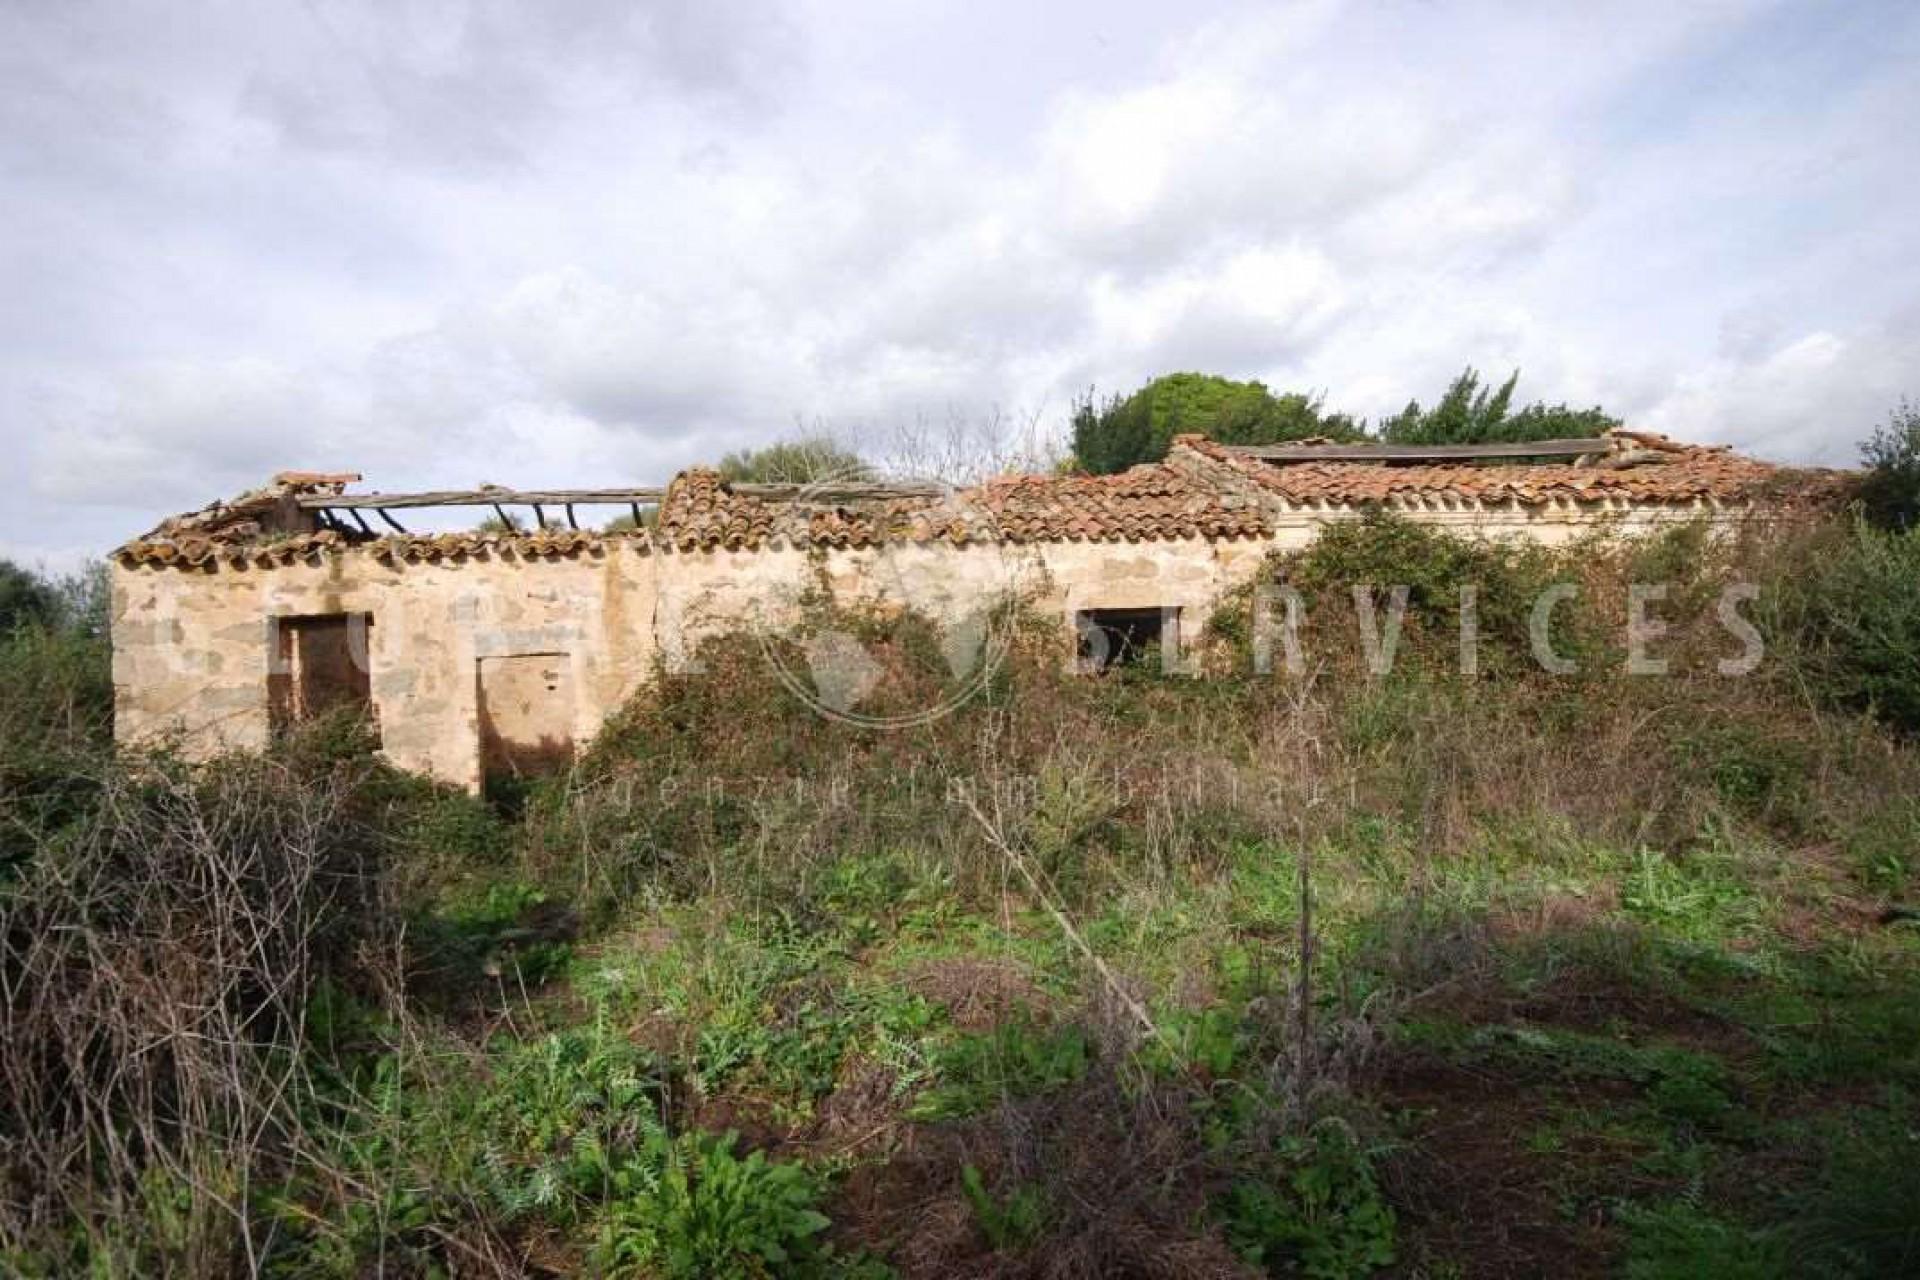 Arzachena stazzu Gallurese for sale